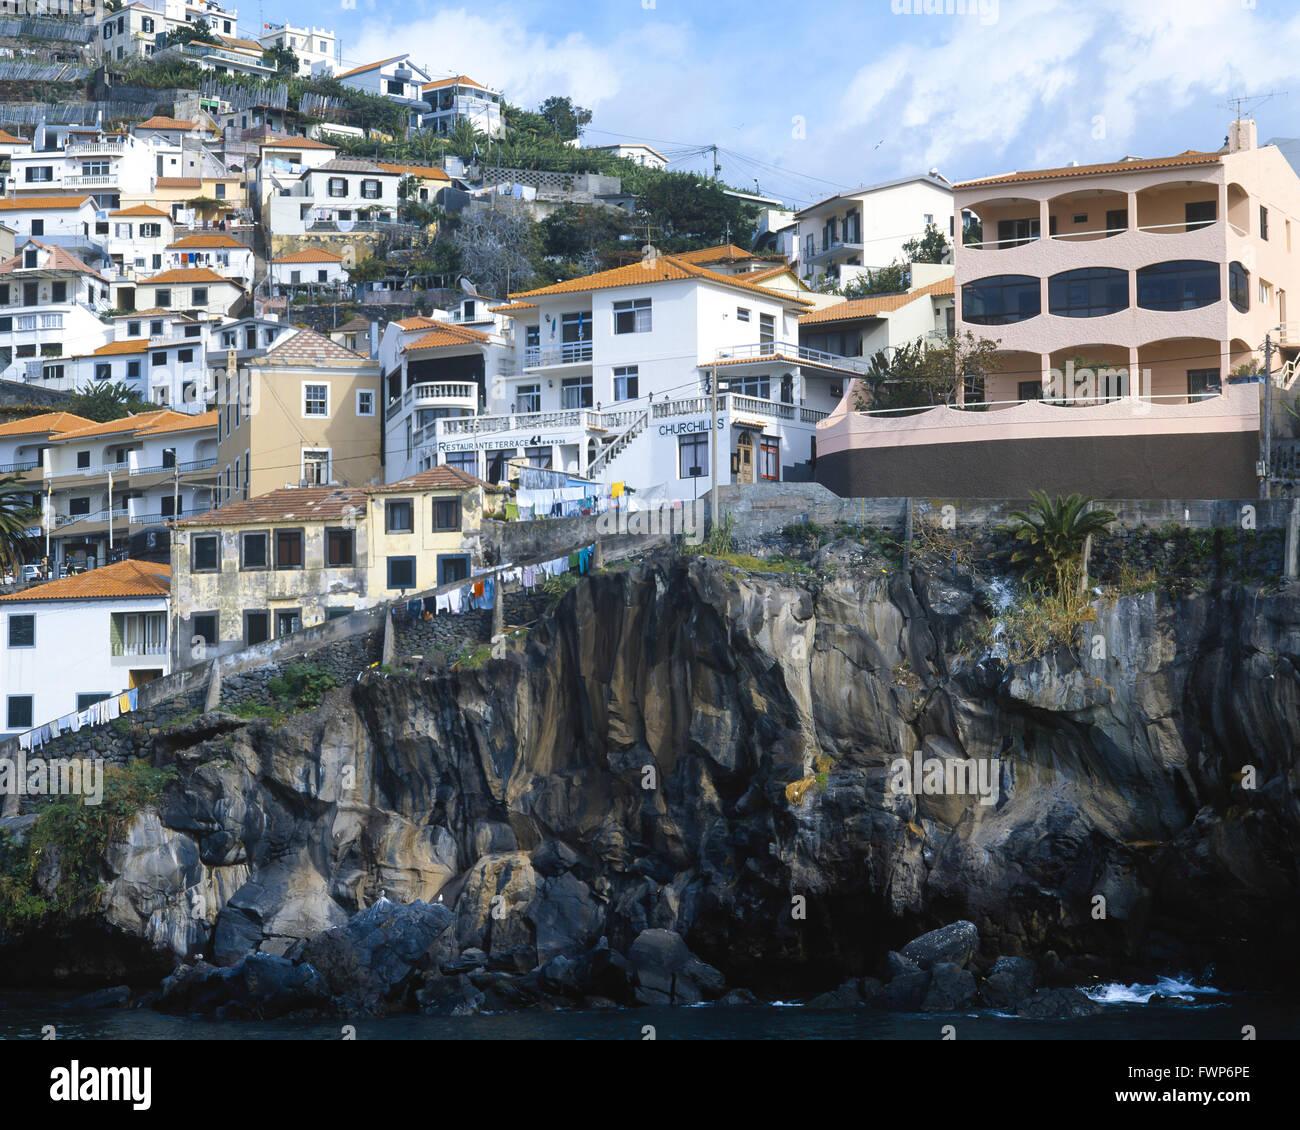 Madeira, Camara de Lobos. - Stock Image